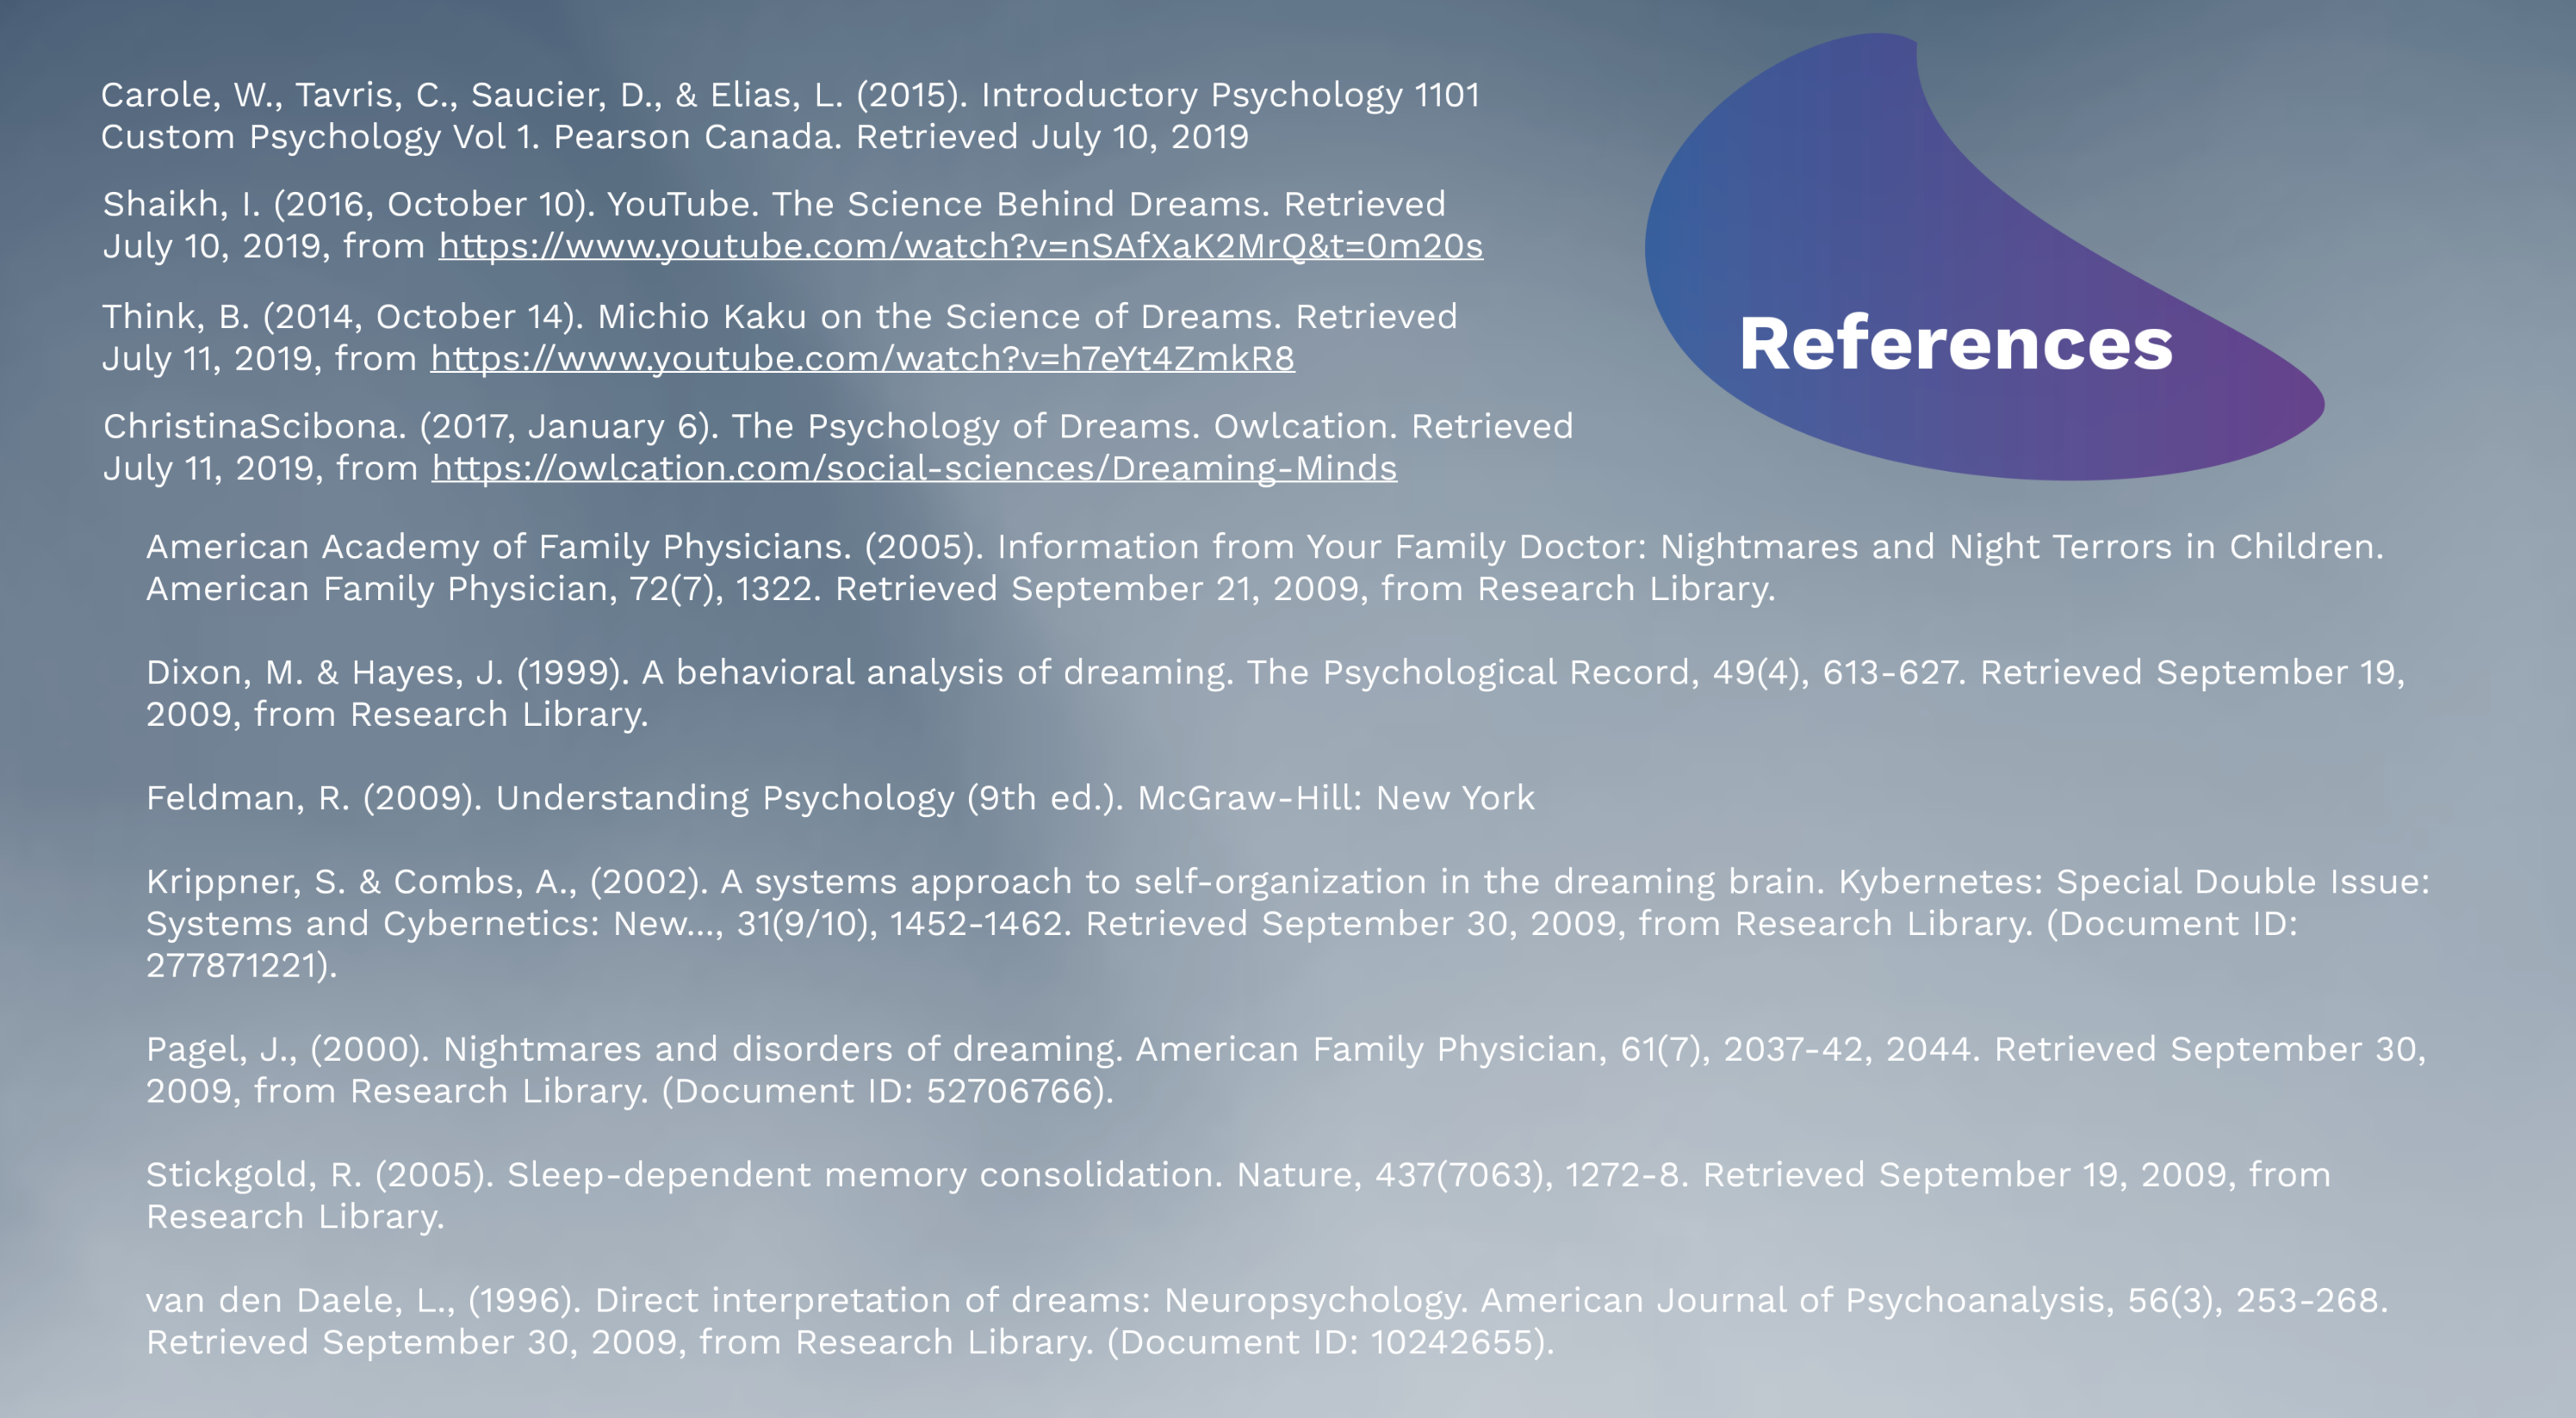 Dreams Psychology Prezi Presentation for BCIT Psyc 1101 | Monika Szucs